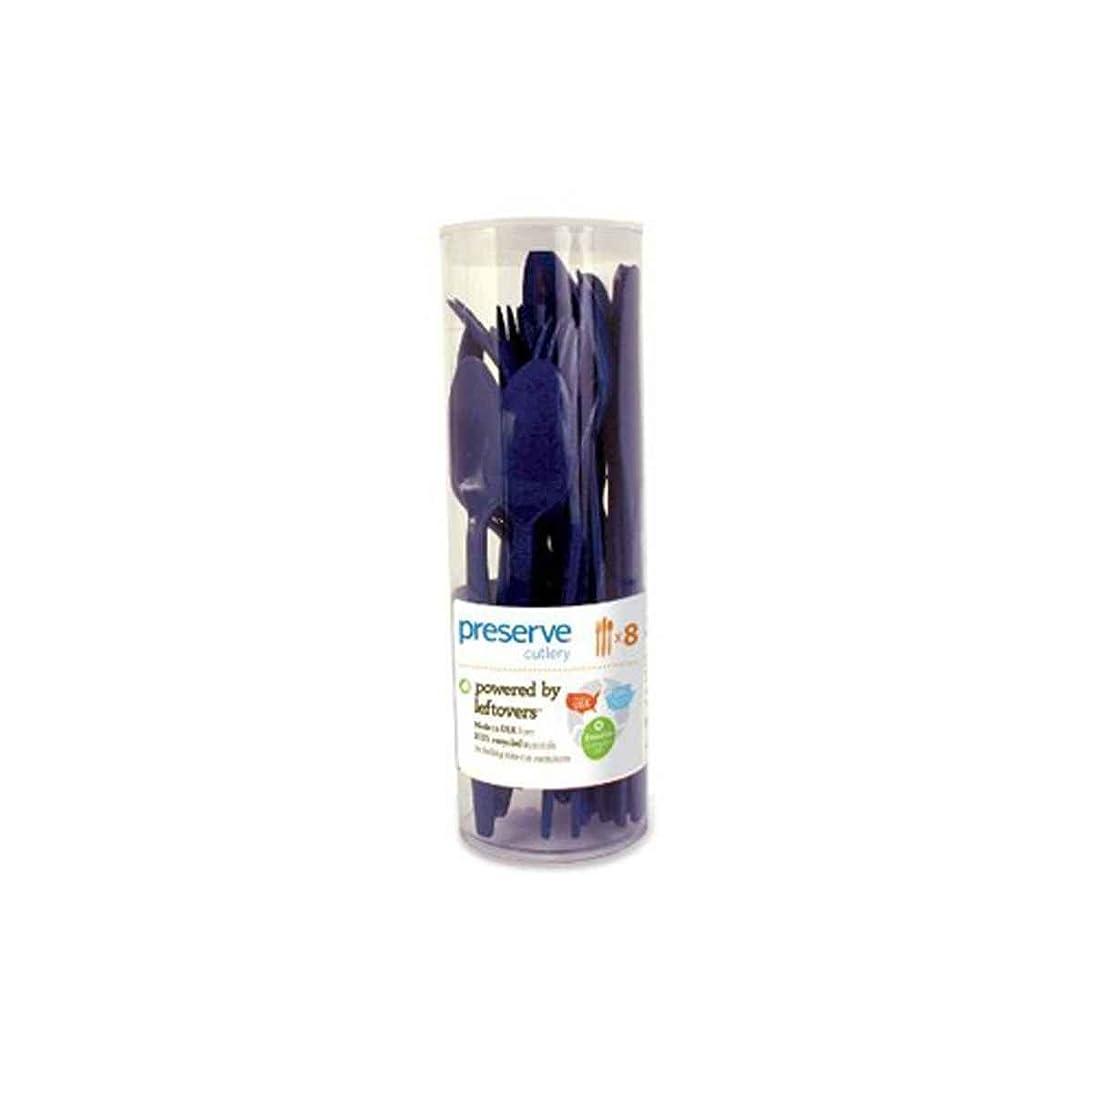 エジプト足枷添加剤Preserve Cutlery (8 Set) - Midnight Blue 24 Pack(S) by Preserve